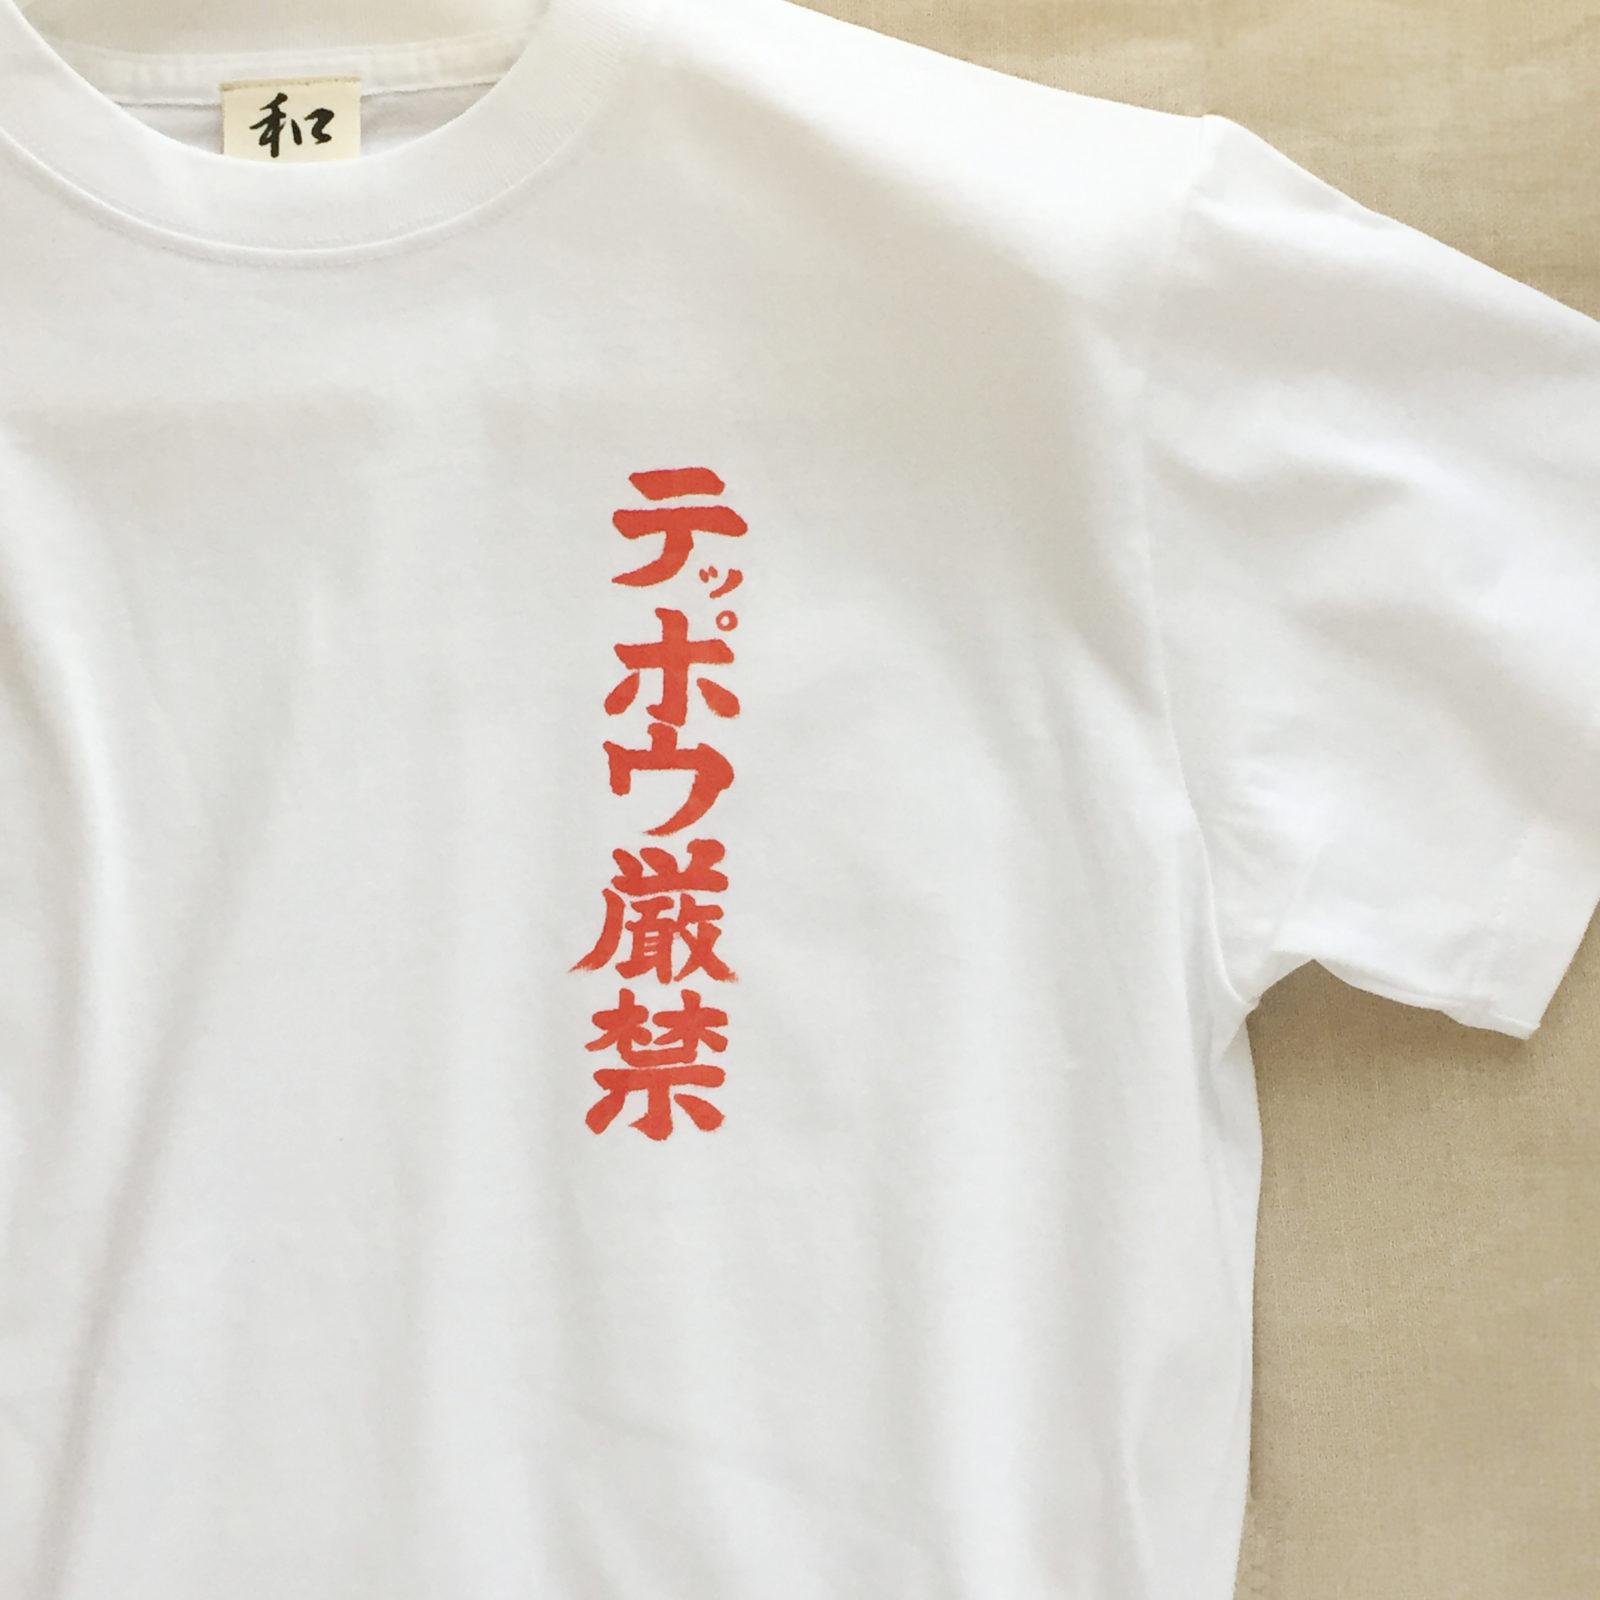 手描きTシャツのniko(ニコ) men'sテッポウ厳禁Tシャツ 大相撲中継の花道で写ってるアレ。